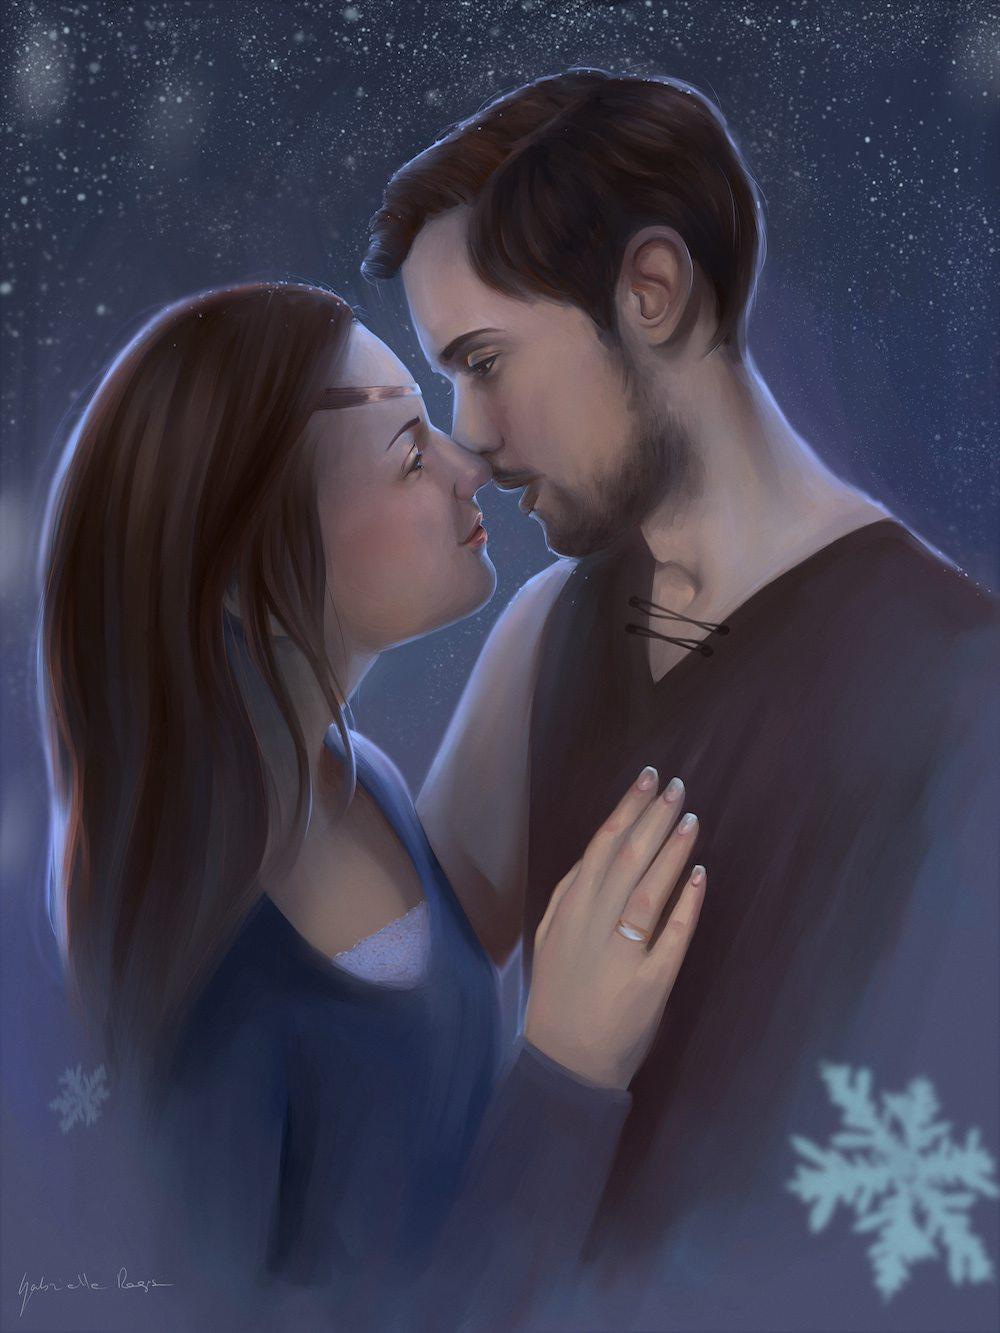 Brian and Manda by Gabrielle Ragusi via ArtCorgi Portrait